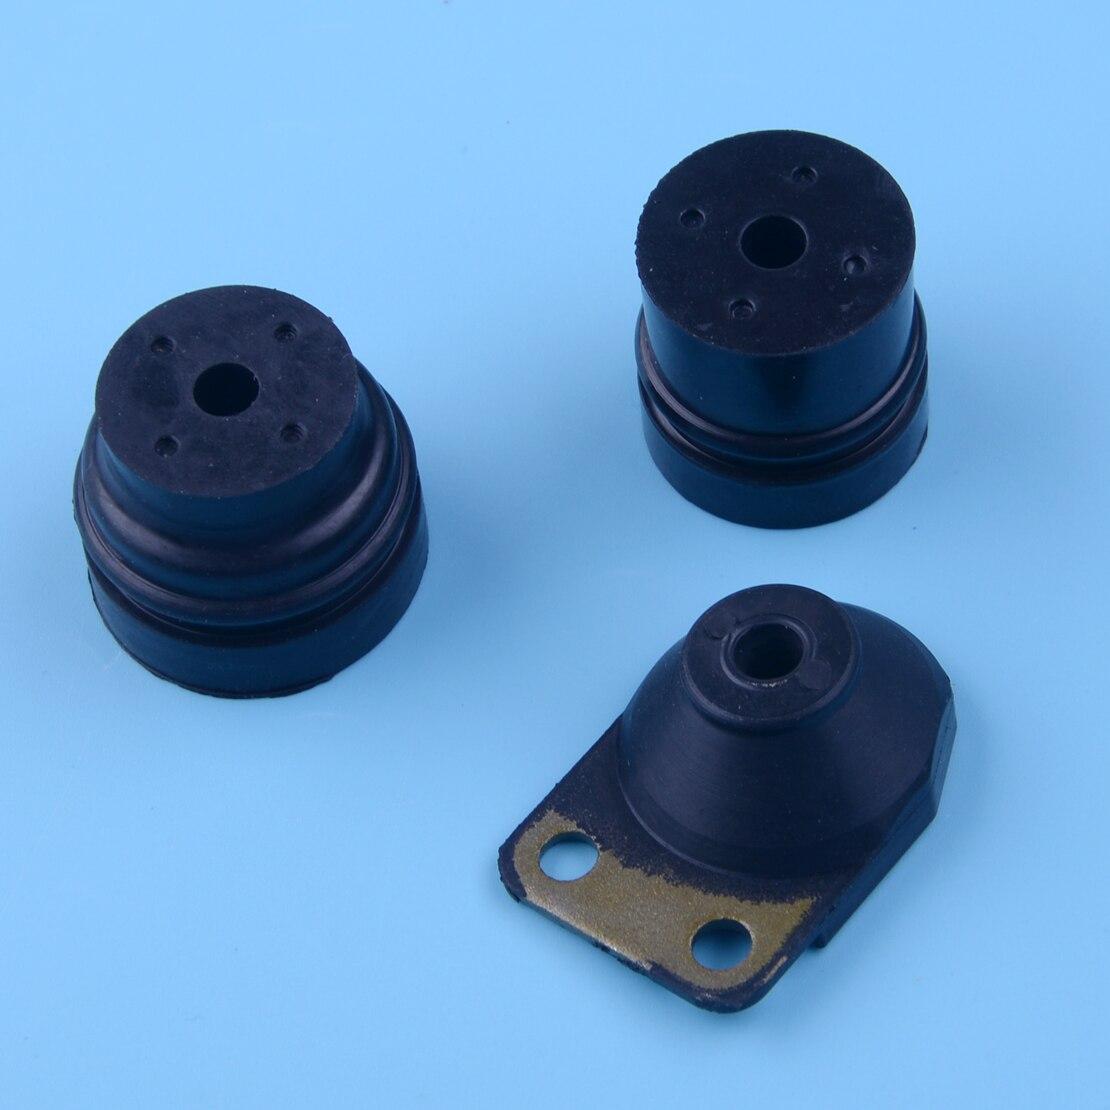 LETAOSK 3pcs/Set AV Annular Buffer Mount Kit Fit For Stihl 024 026 MS240 MS260 Chainsaw 1121 790 9909 1121 790 9912